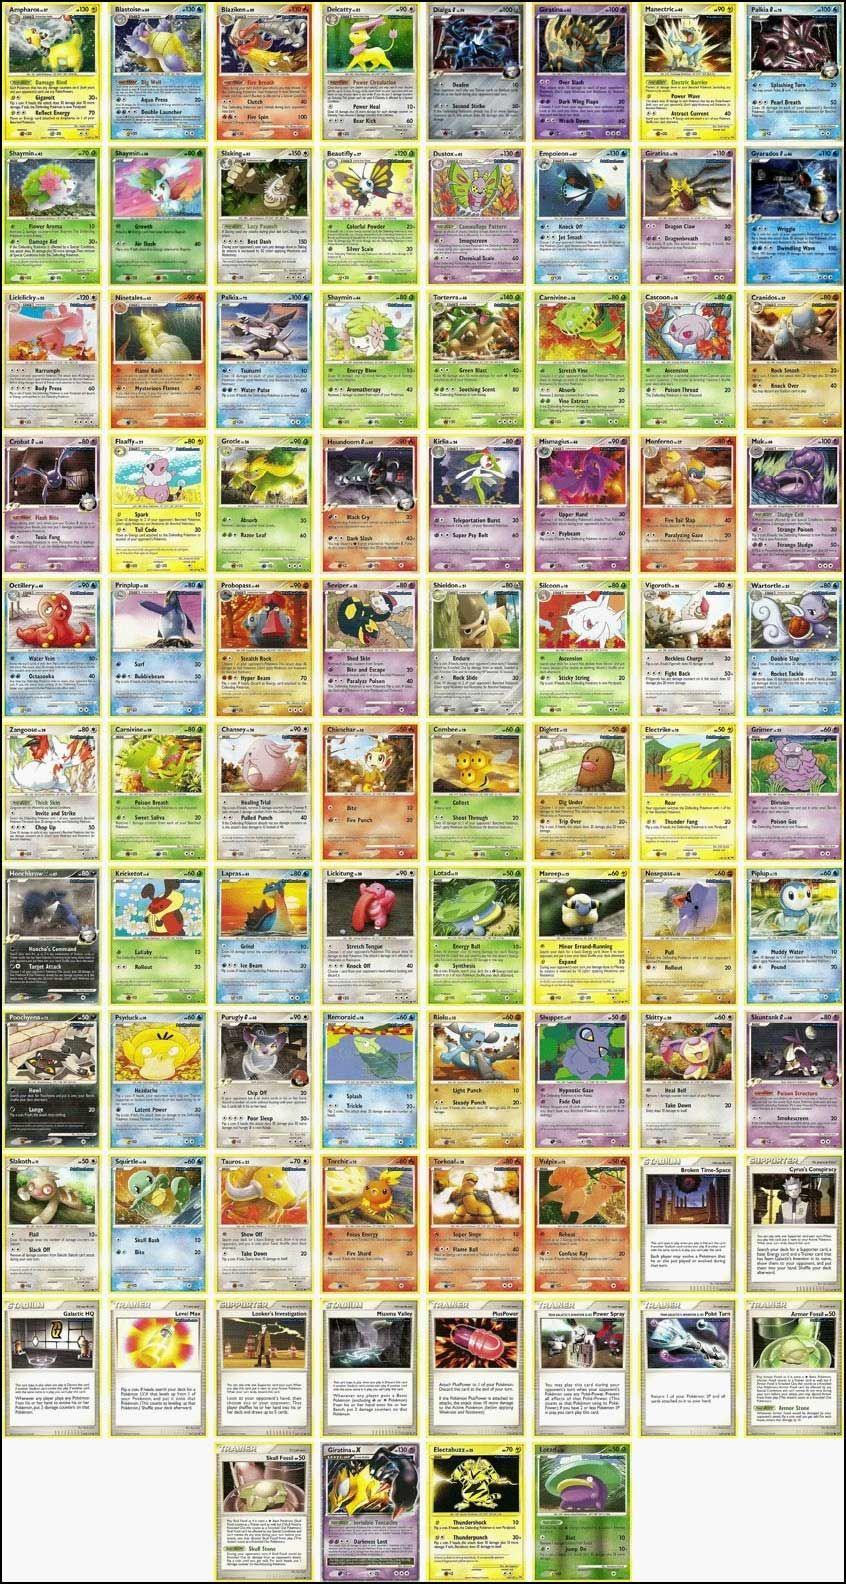 Ii Cartes Mots Du Bonheur Anniversaire 70 Ans 547 1024 Coloriage Carte Pokemon Legendaire A Imprim Carte Pokemon Coloriage Pokemon Carte Pokemon A Imprimer